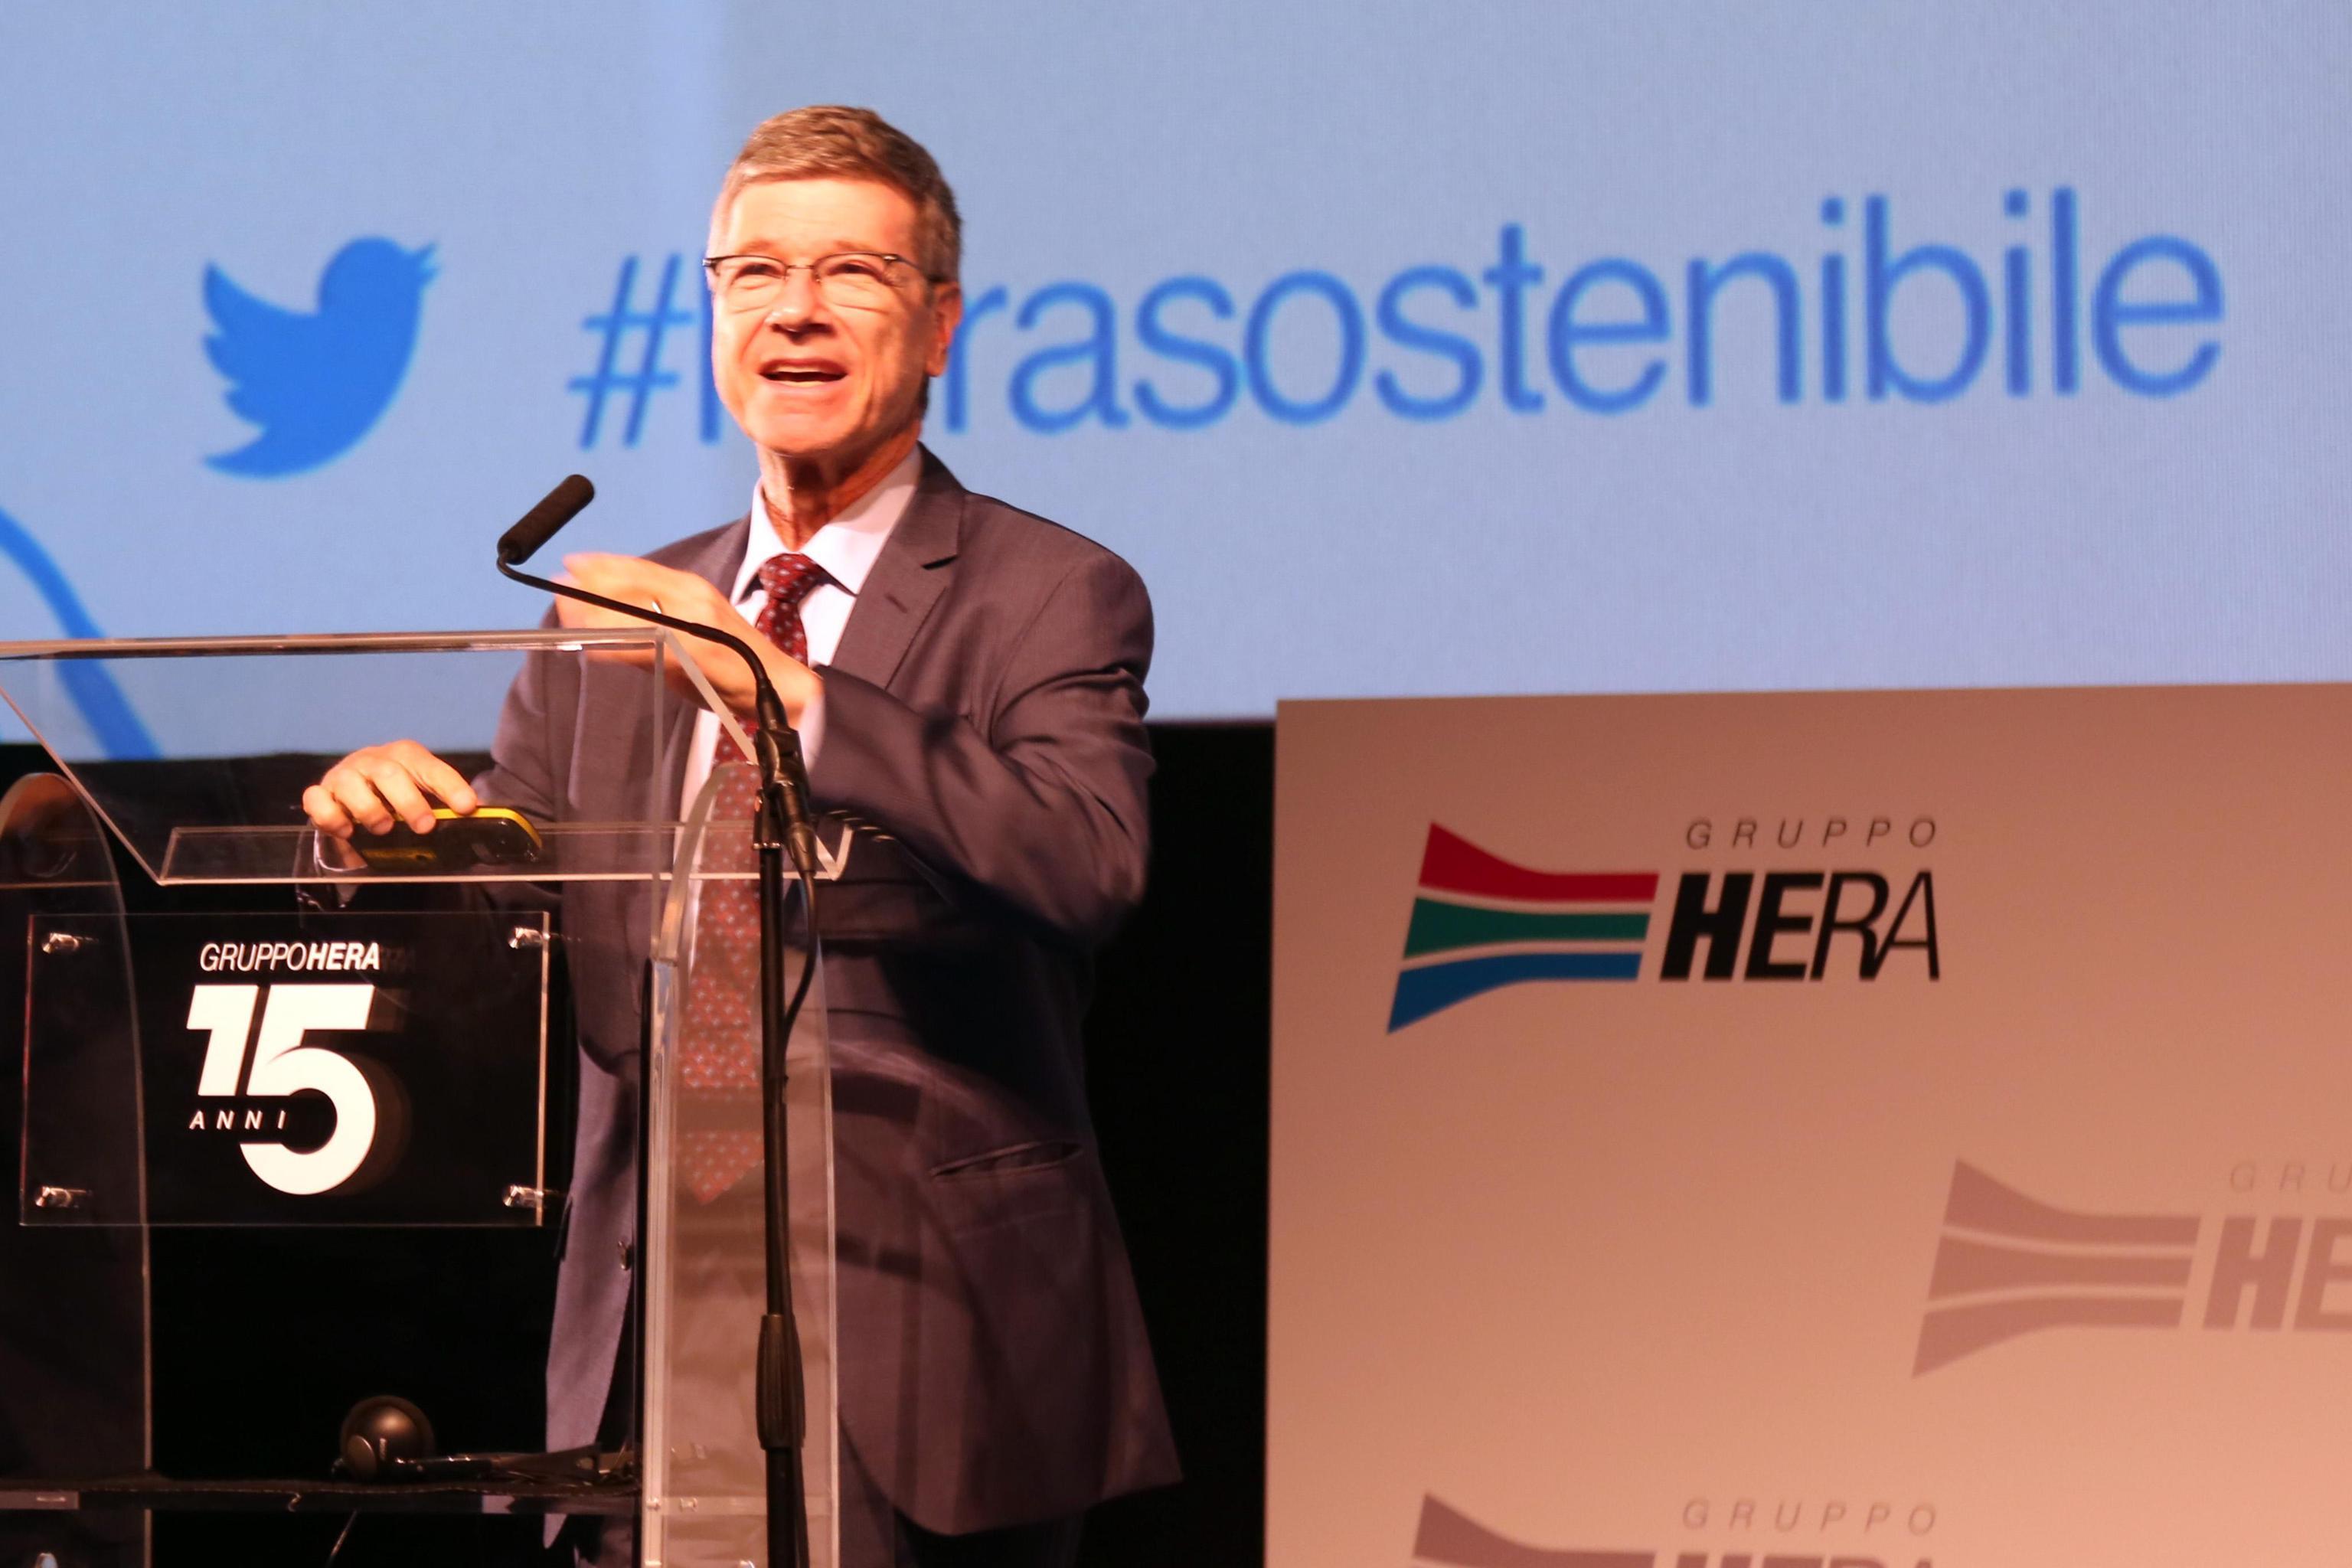 La multiutily Hera presenta il bilancio di sostenibilità socio ambientale